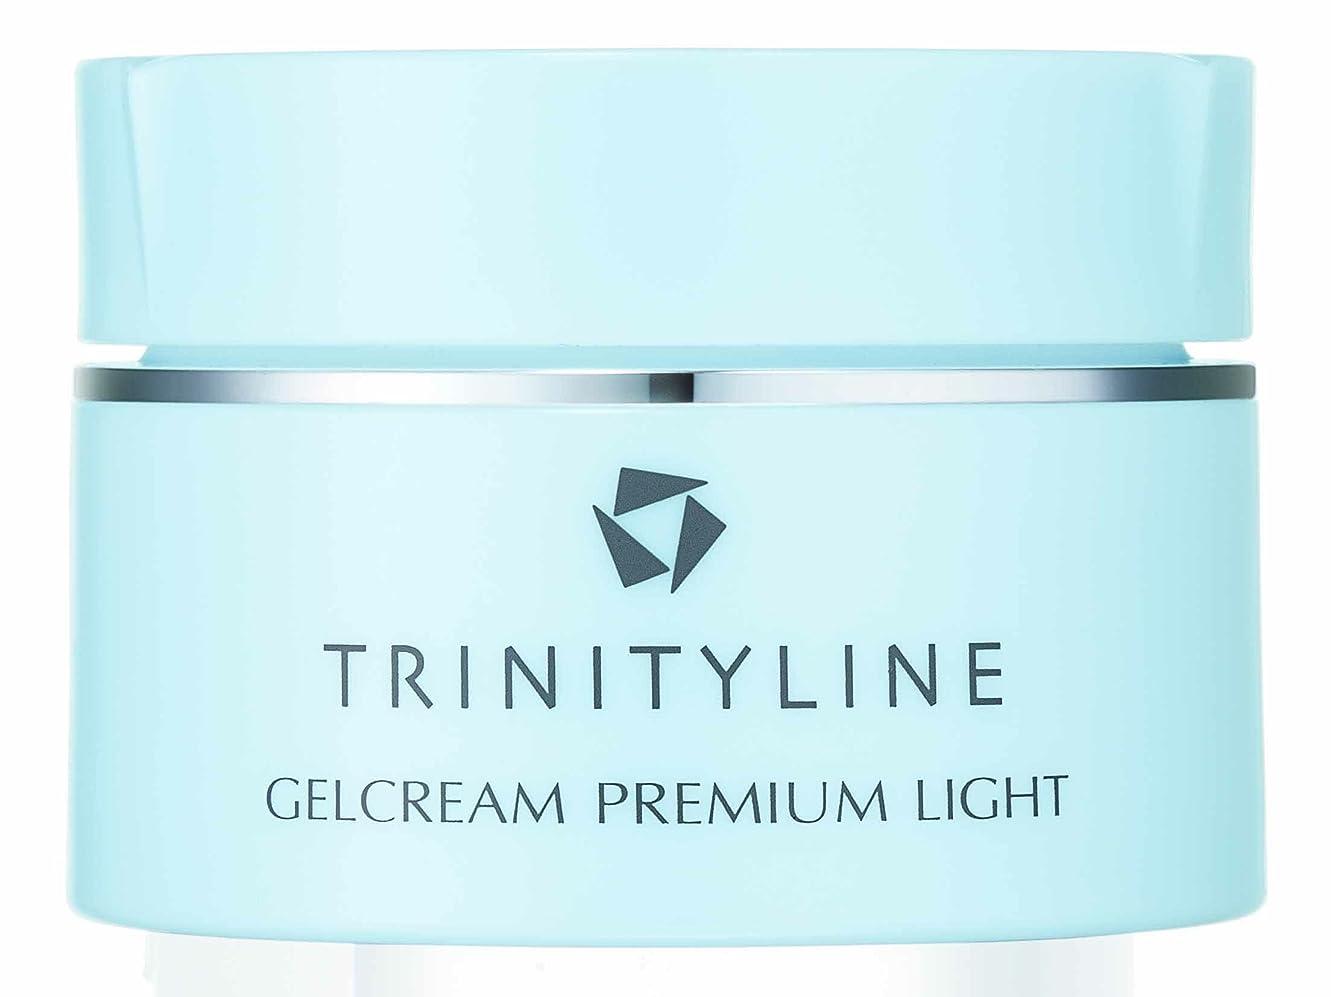 徹底的に時期尚早自体ジェルクリーム プレミアム ライト 50g